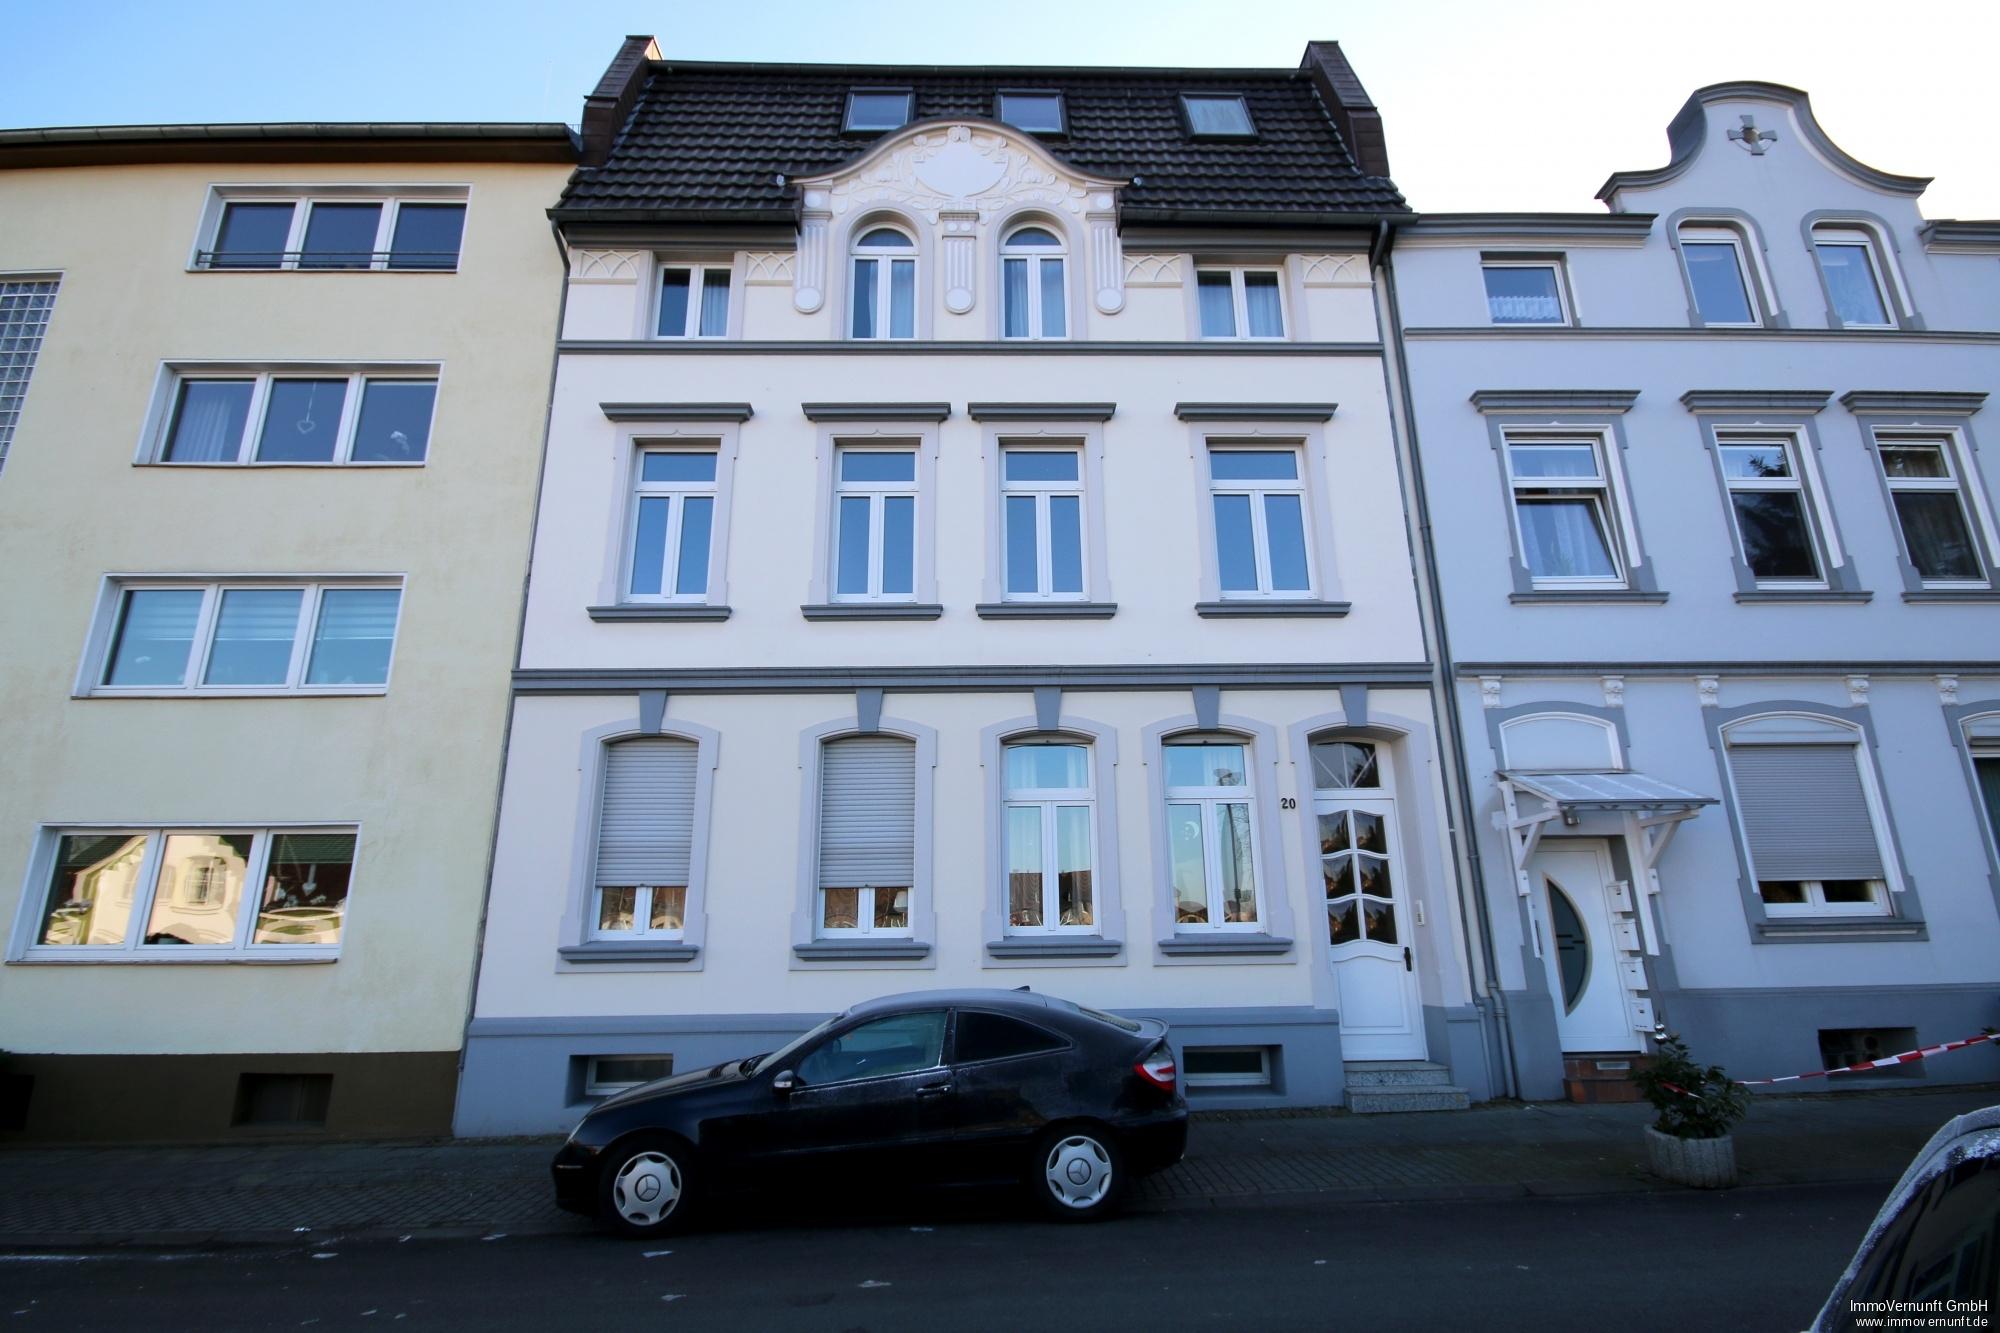 Renovierte 75m² Wohnung in Mülheim Stadtmitte 45468 Mülheim an der Ruhr, Etagenwohnung